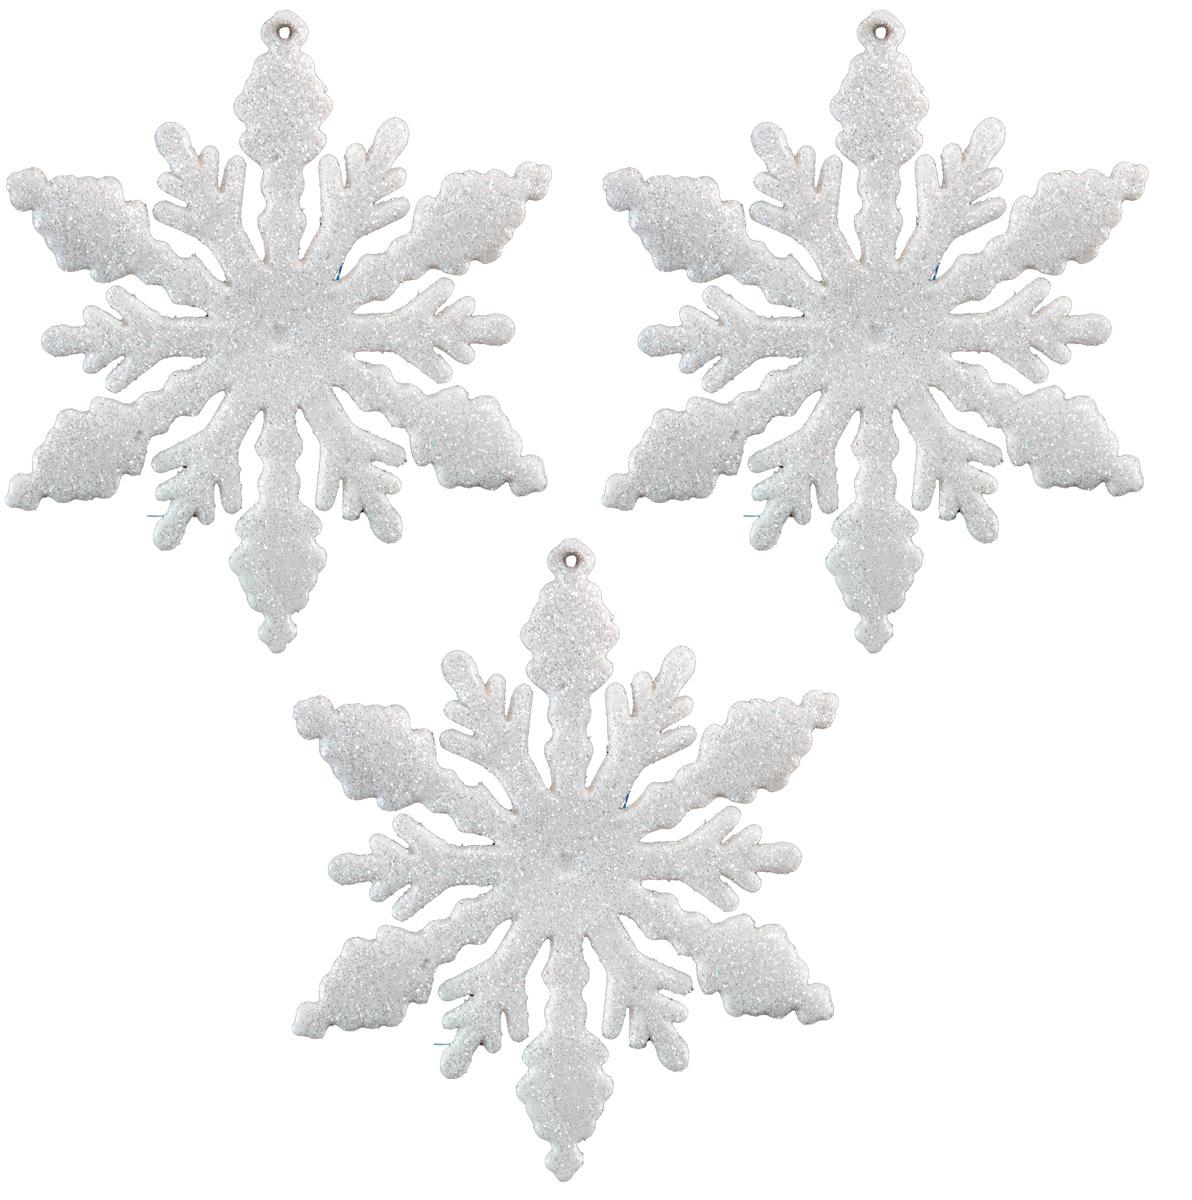 Набор новогодних украшений для интерьера Erich Krause Снежинки белоснежные, 13 см, 3 шт44193Набор состоит из трех плоских белых снежинок, покрытых блестками. Диаметр каждой снежинки 13 см, поэтому подходят для декорирования больших елок или оформления интерьера.Новогодние украшения всегда несут в себе волшебство и красоту праздника. Создайте в своем доме атмосферу тепла, веселья и радости, украшая его всей семьей.